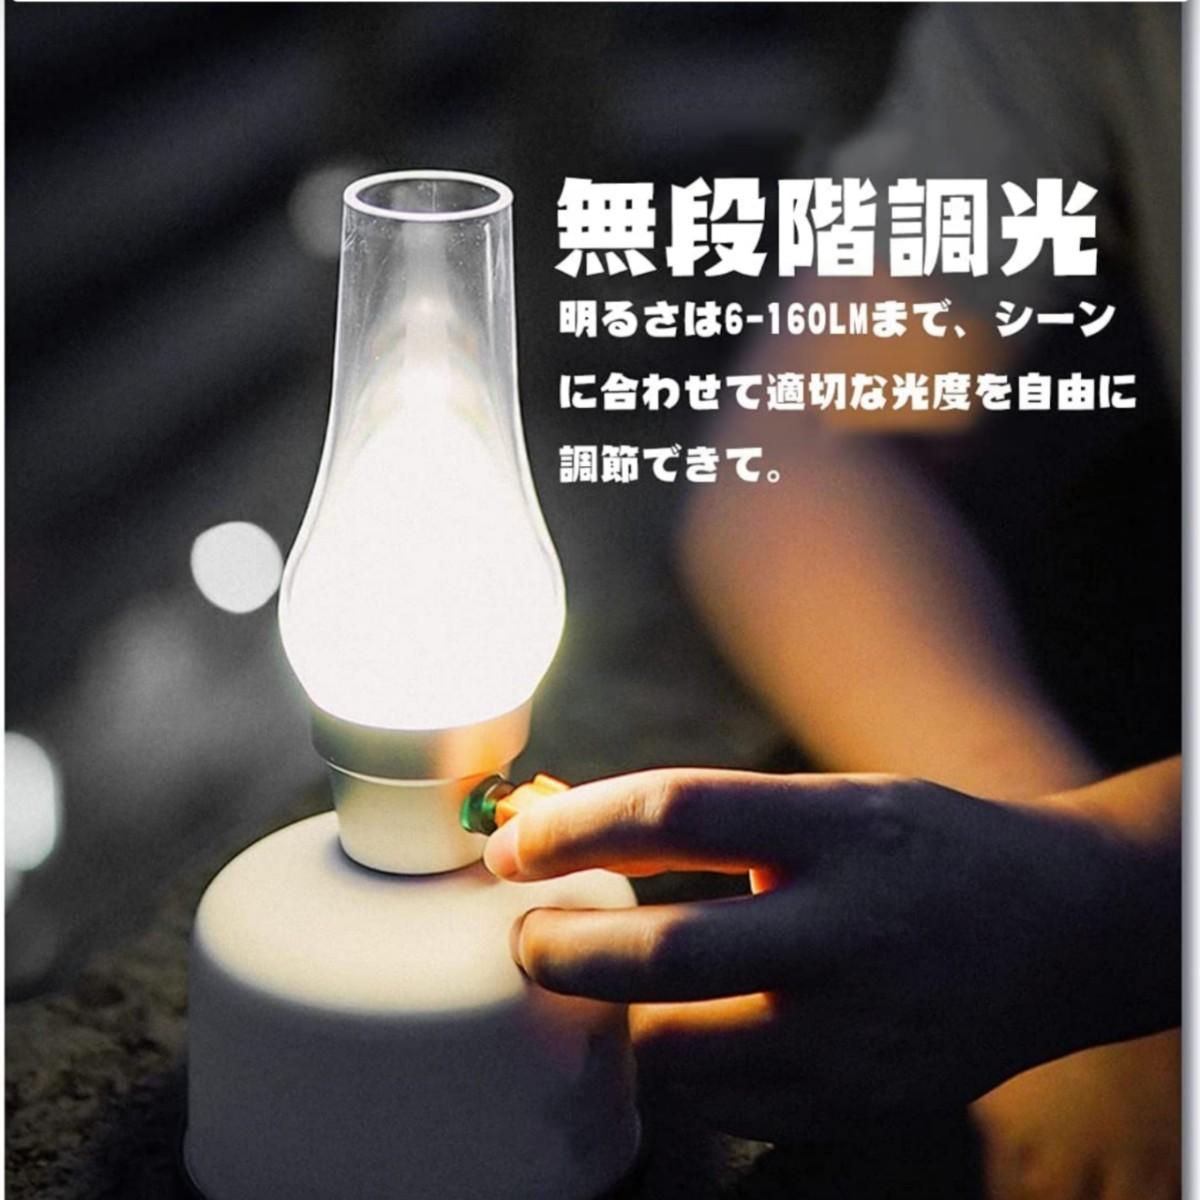 充電式 LED ランプ USB充電 無段階調光 充電式 ライト ランタン